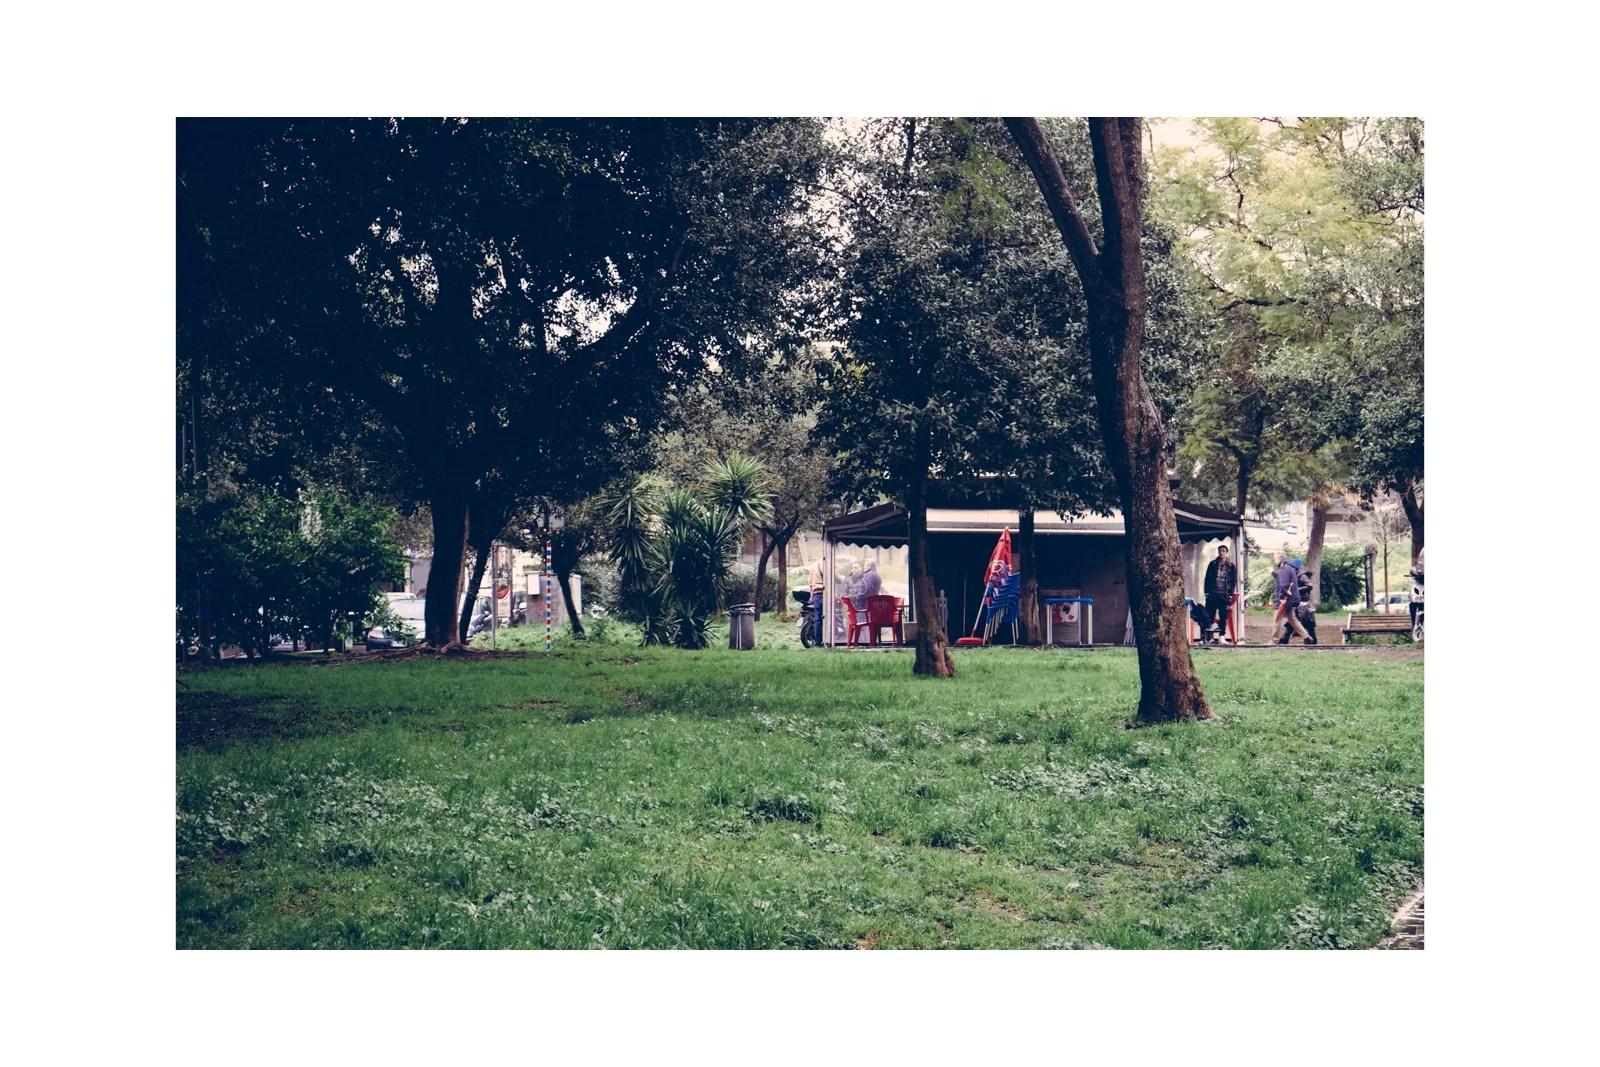 DSCF9179 - Crisi dell'Editing fotografico e la Street Photography - fotostreet.it